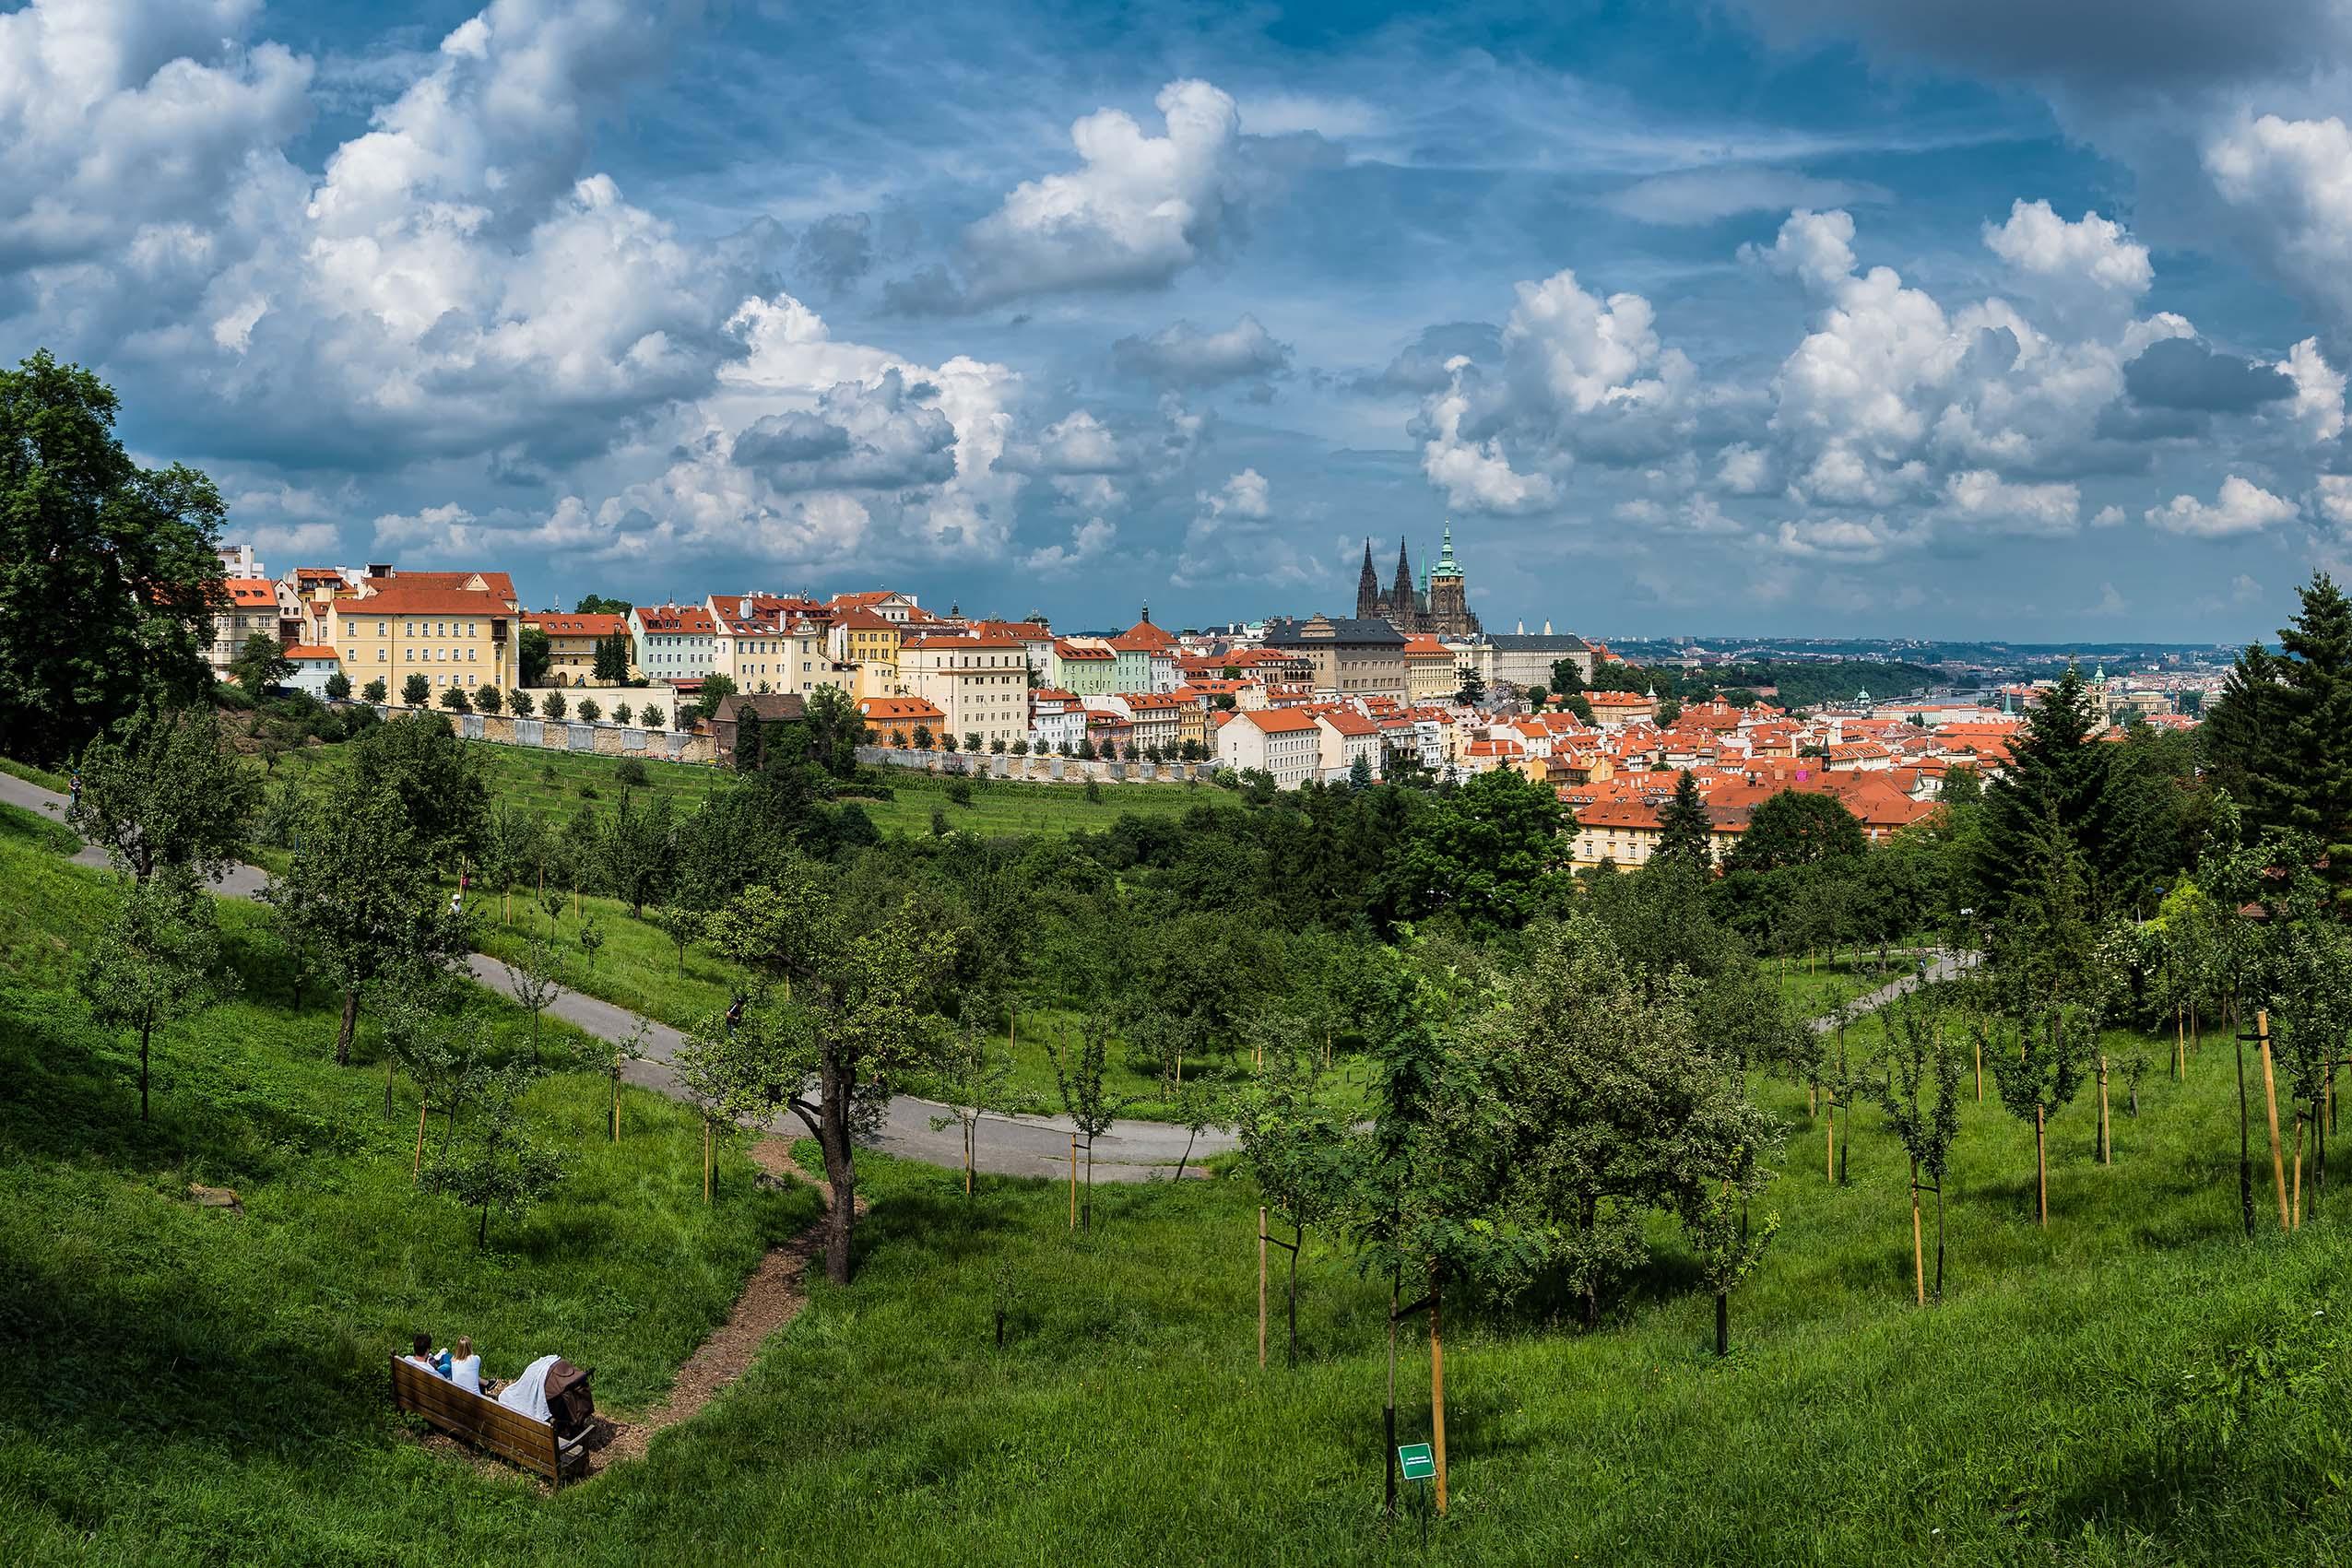 panoráma pražského hradu od Jan Stojan Photography ©